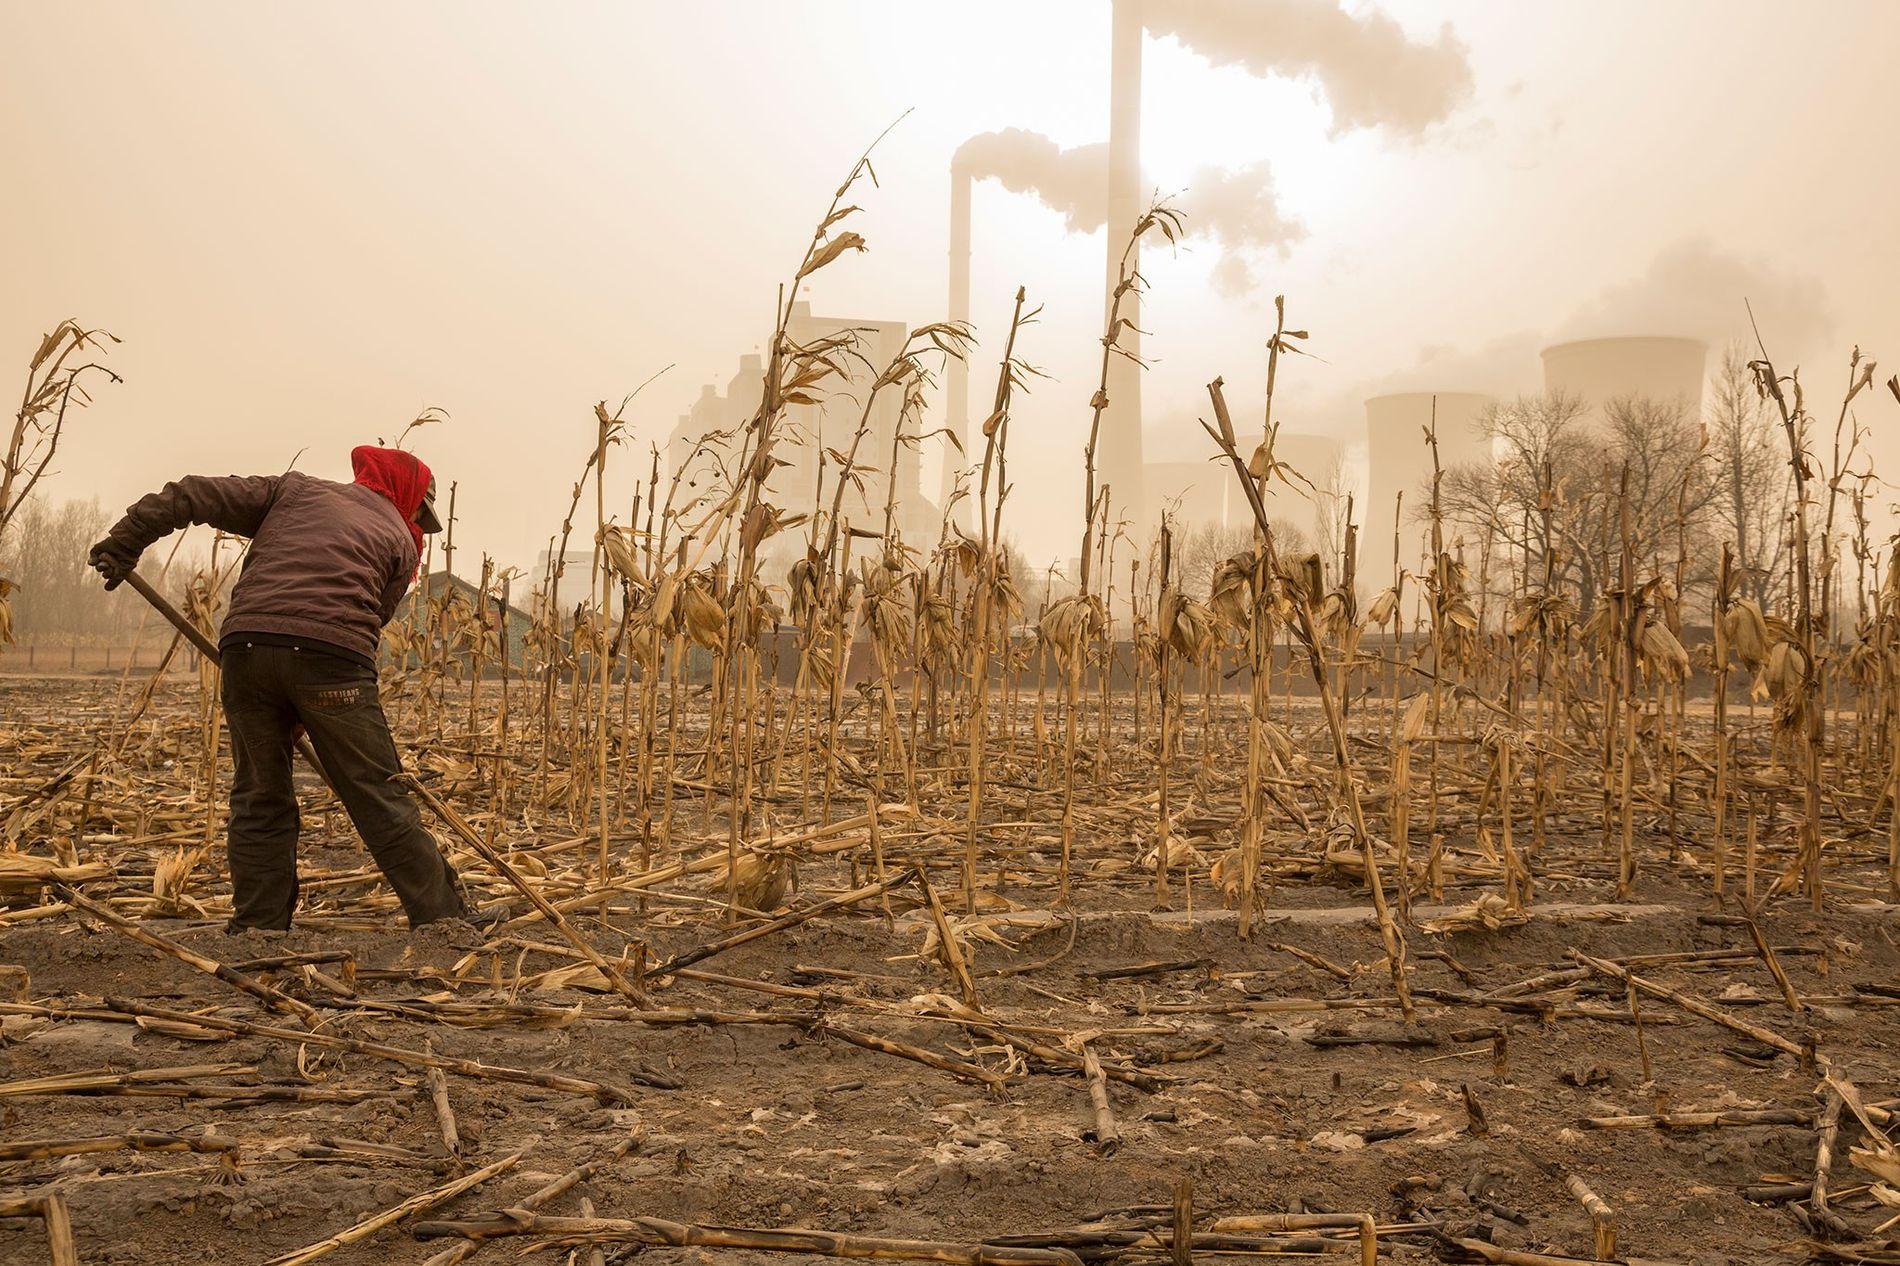 Ein Bauer bereitet sich in der Nähe eines Kohlekraftwerks in der chinesischen Provinz Shanxi auf den Frühling vor. Das Kraftwerk versorgt das 320 Kilometer entfernte Peking mit Strom und die lokalen Felder, Ernten und Menschen in seiner Umgebung mit Ruß.